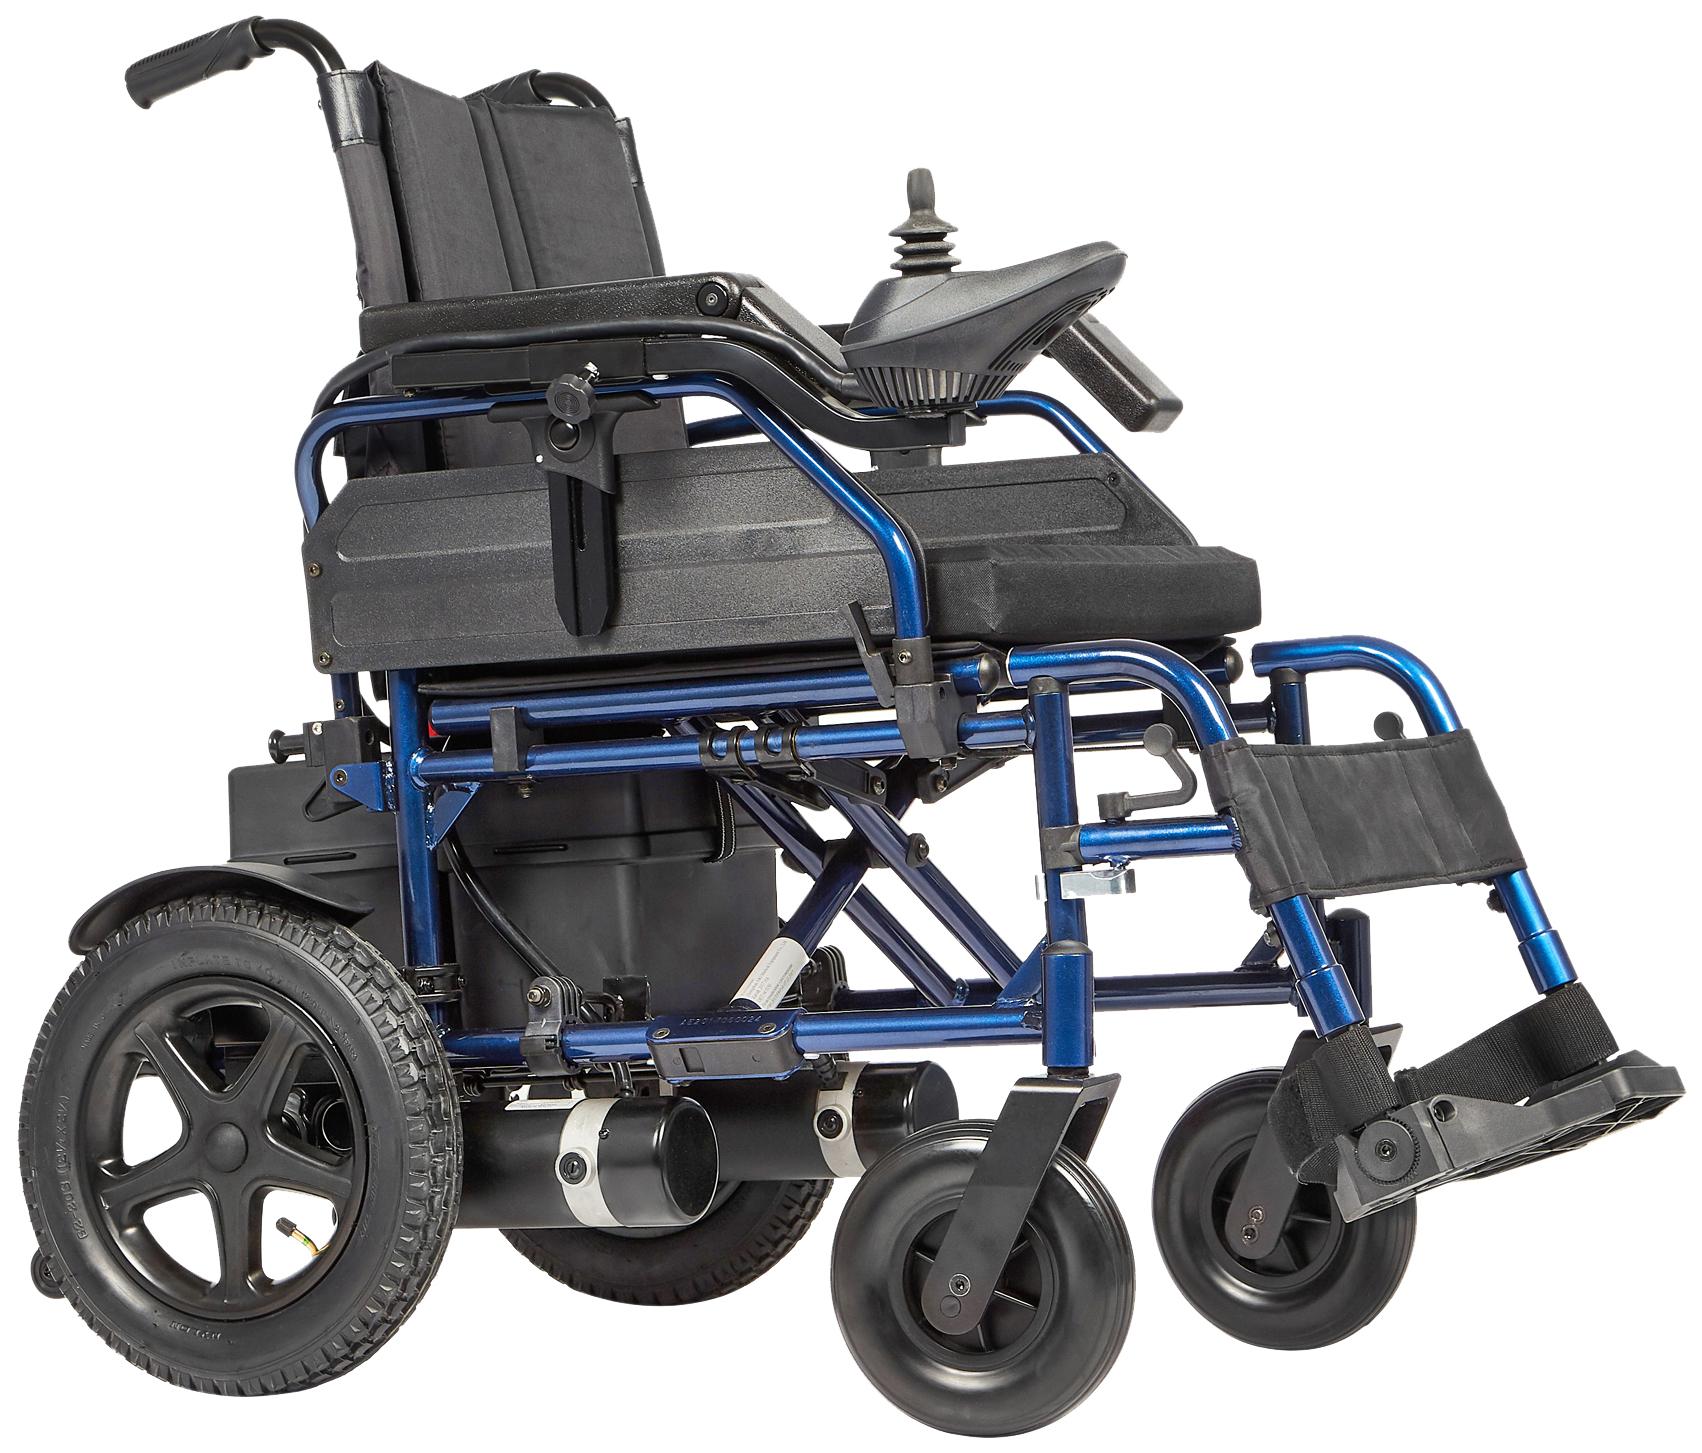 Купить Кресло-коляска c электроприводом Ortonica Pulse 120 (электроколяска) пневматические колеса